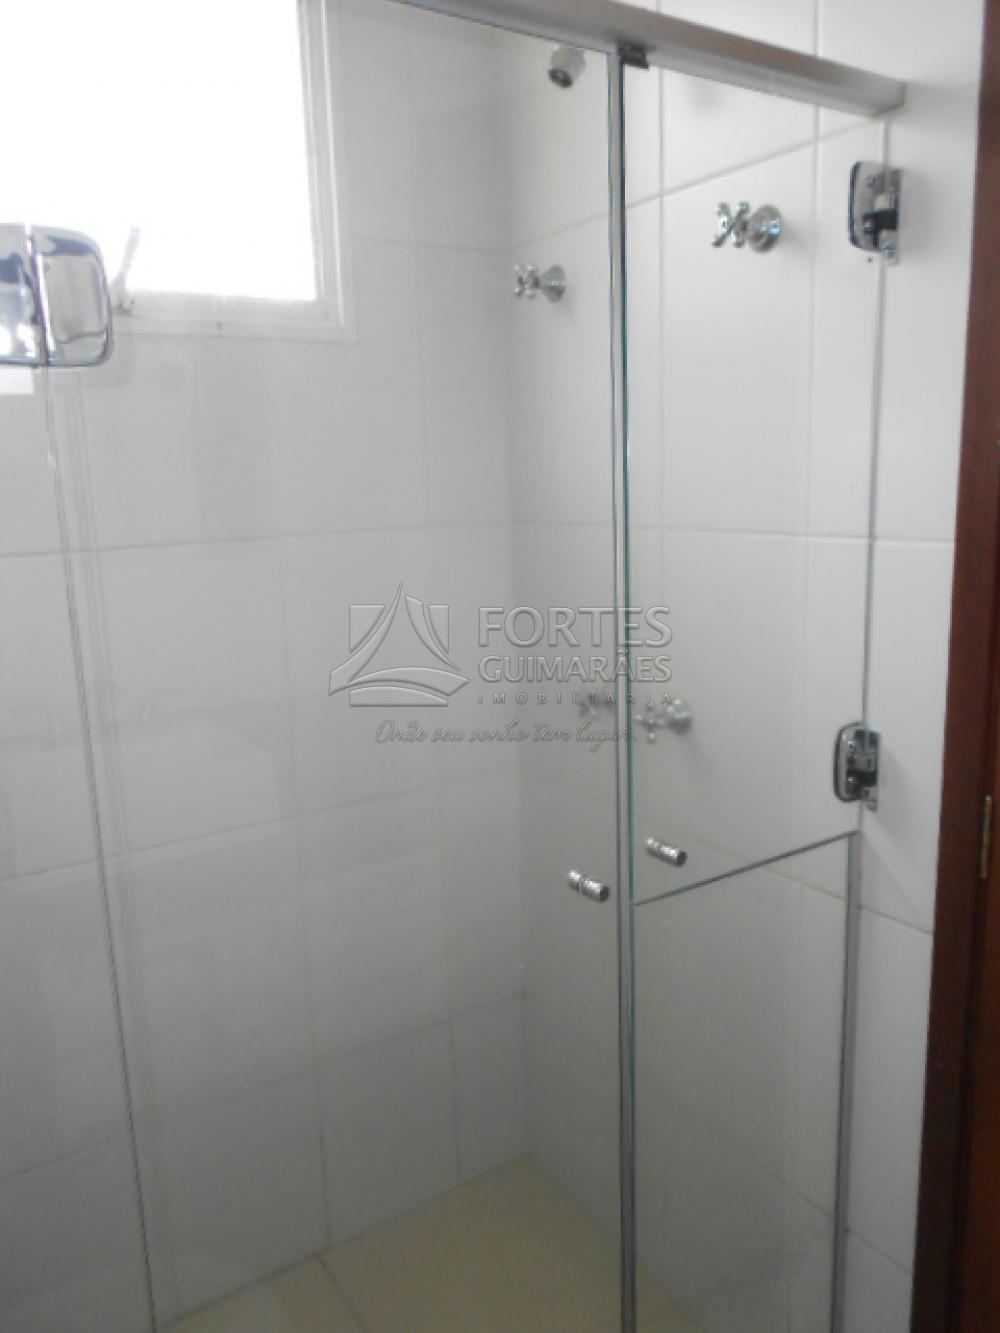 Alugar Casas / Padrão em Ribeirão Preto apenas R$ 3.500,00 - Foto 50